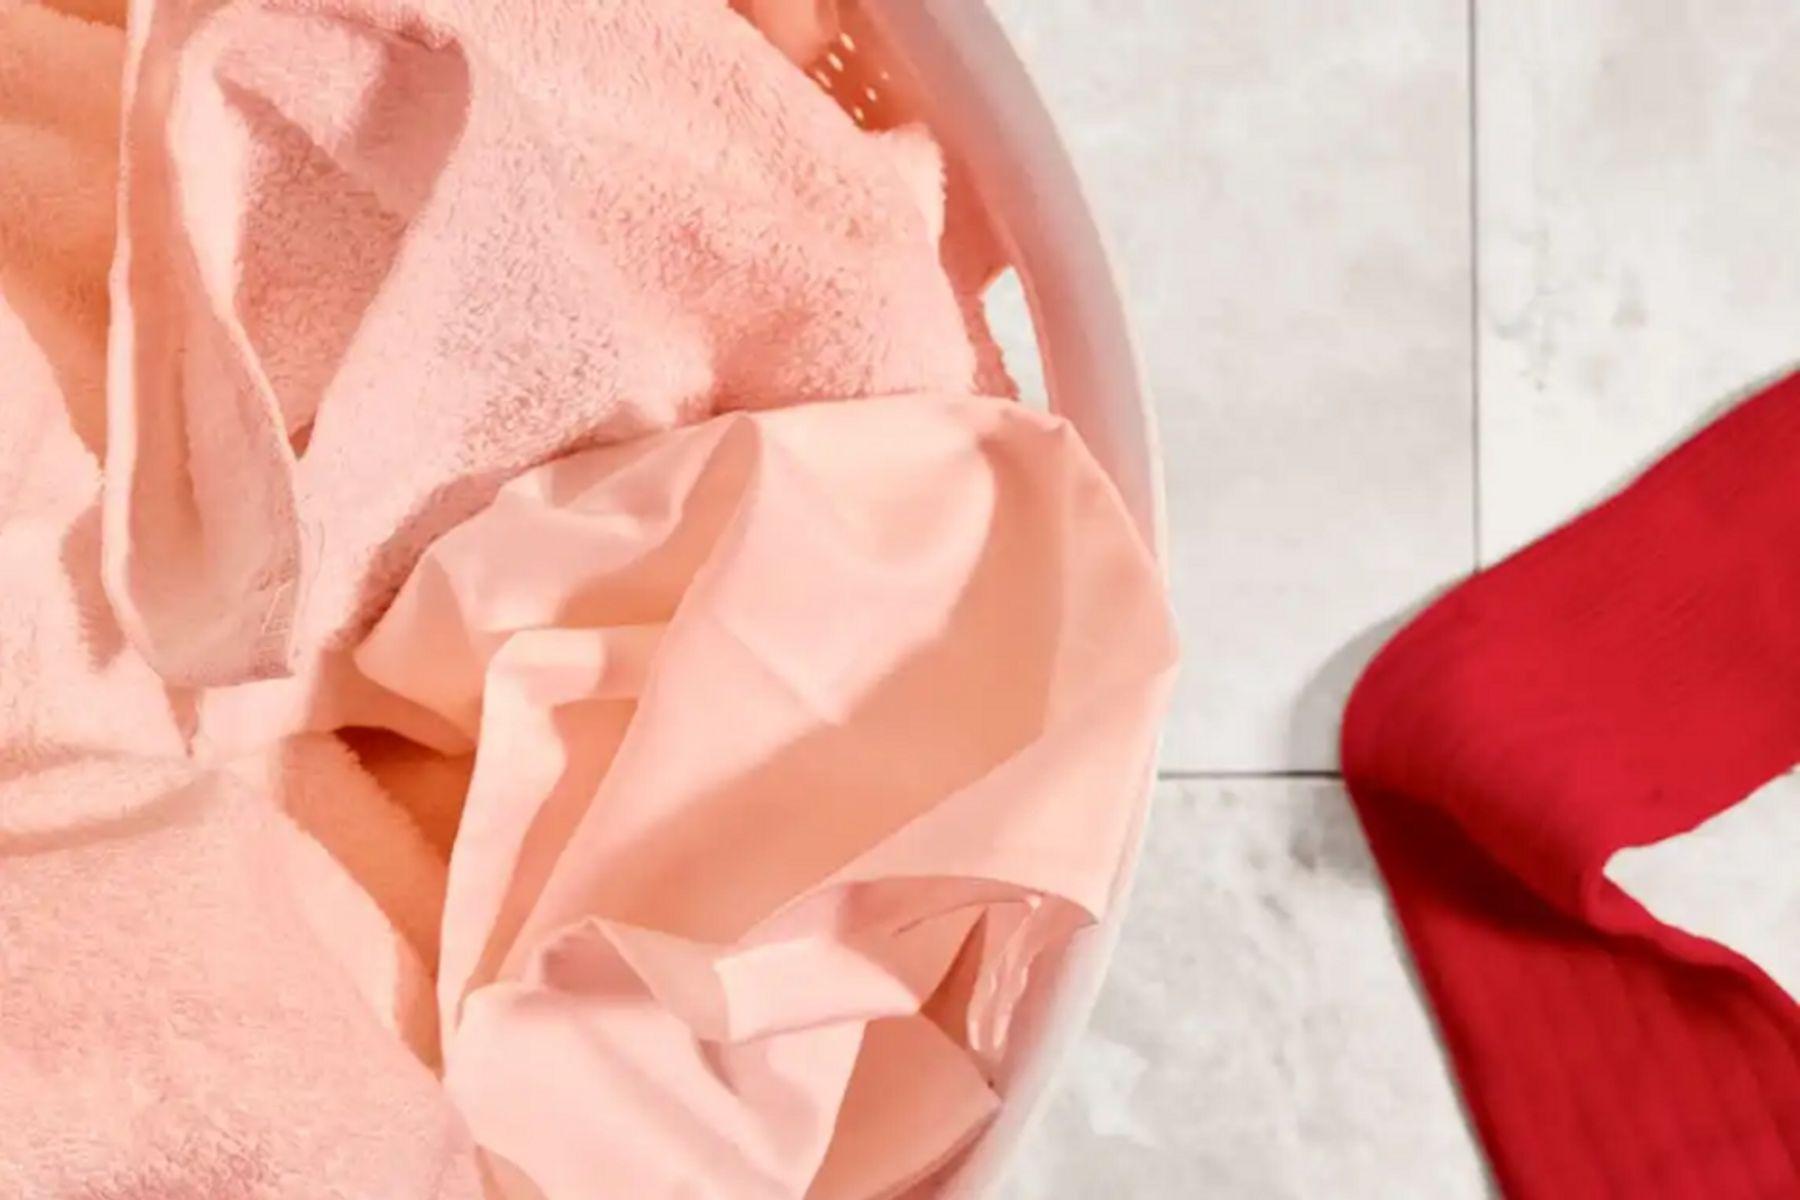 Cómo teñir ropa en casa: consejos, trucos y pasos